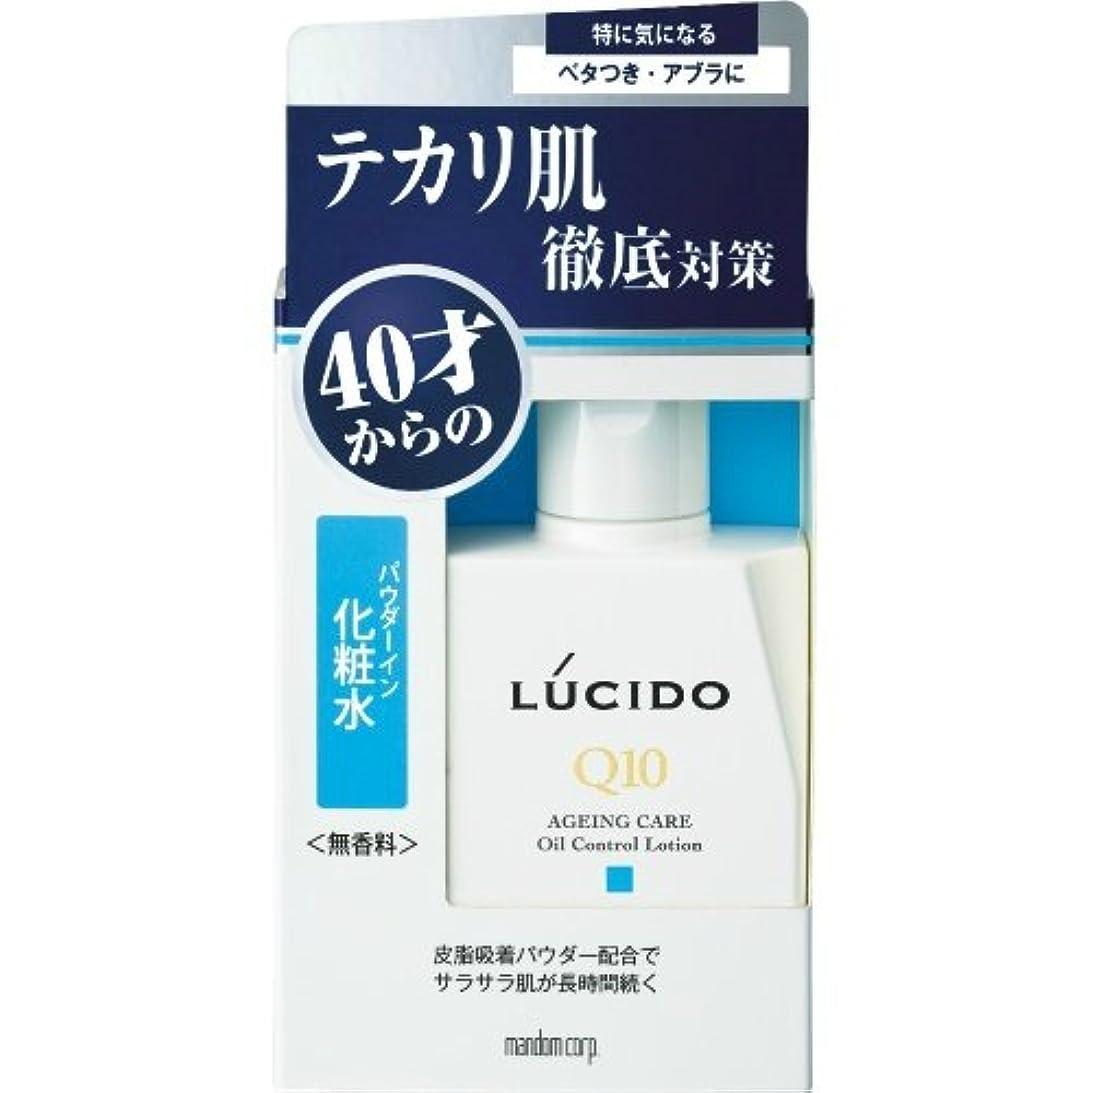 リップ熱意役立つMANDOM マンダム ルシード 薬用オイルコントロール パウダーイン化粧水 無香料 100ml ×10点セット(4902806107685)